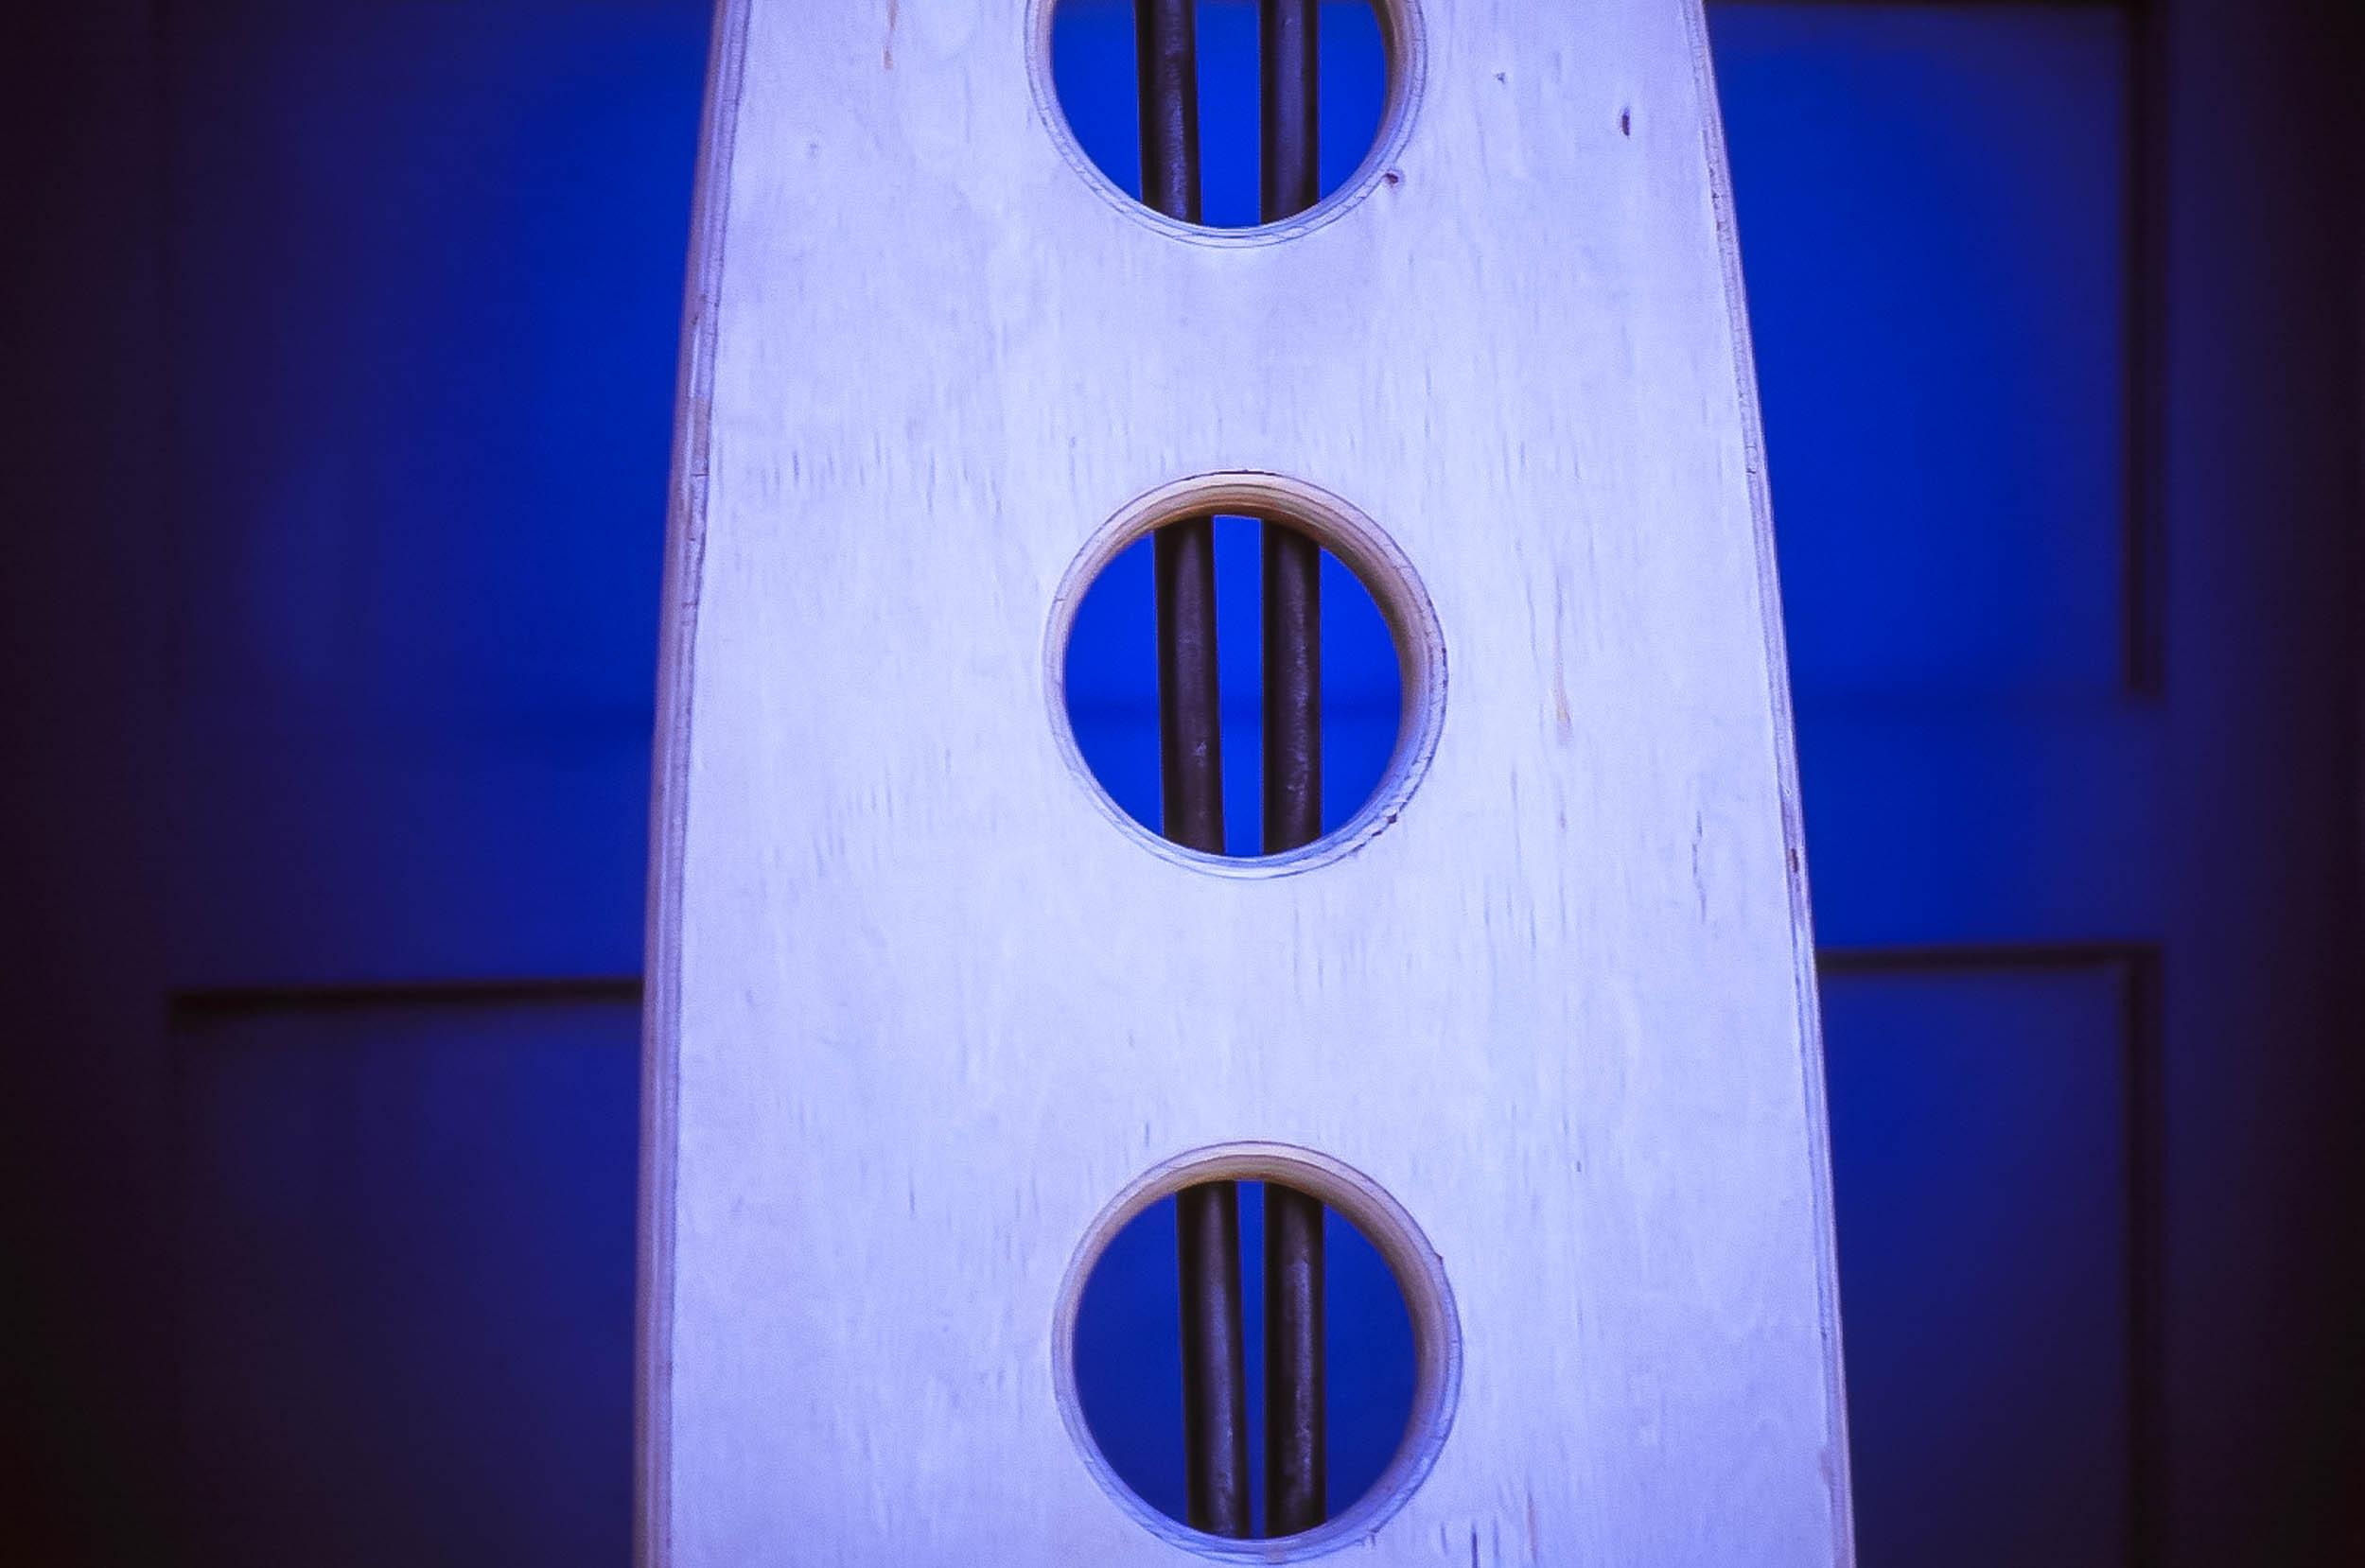 Blue, Chair Santa Fe, NM 2003